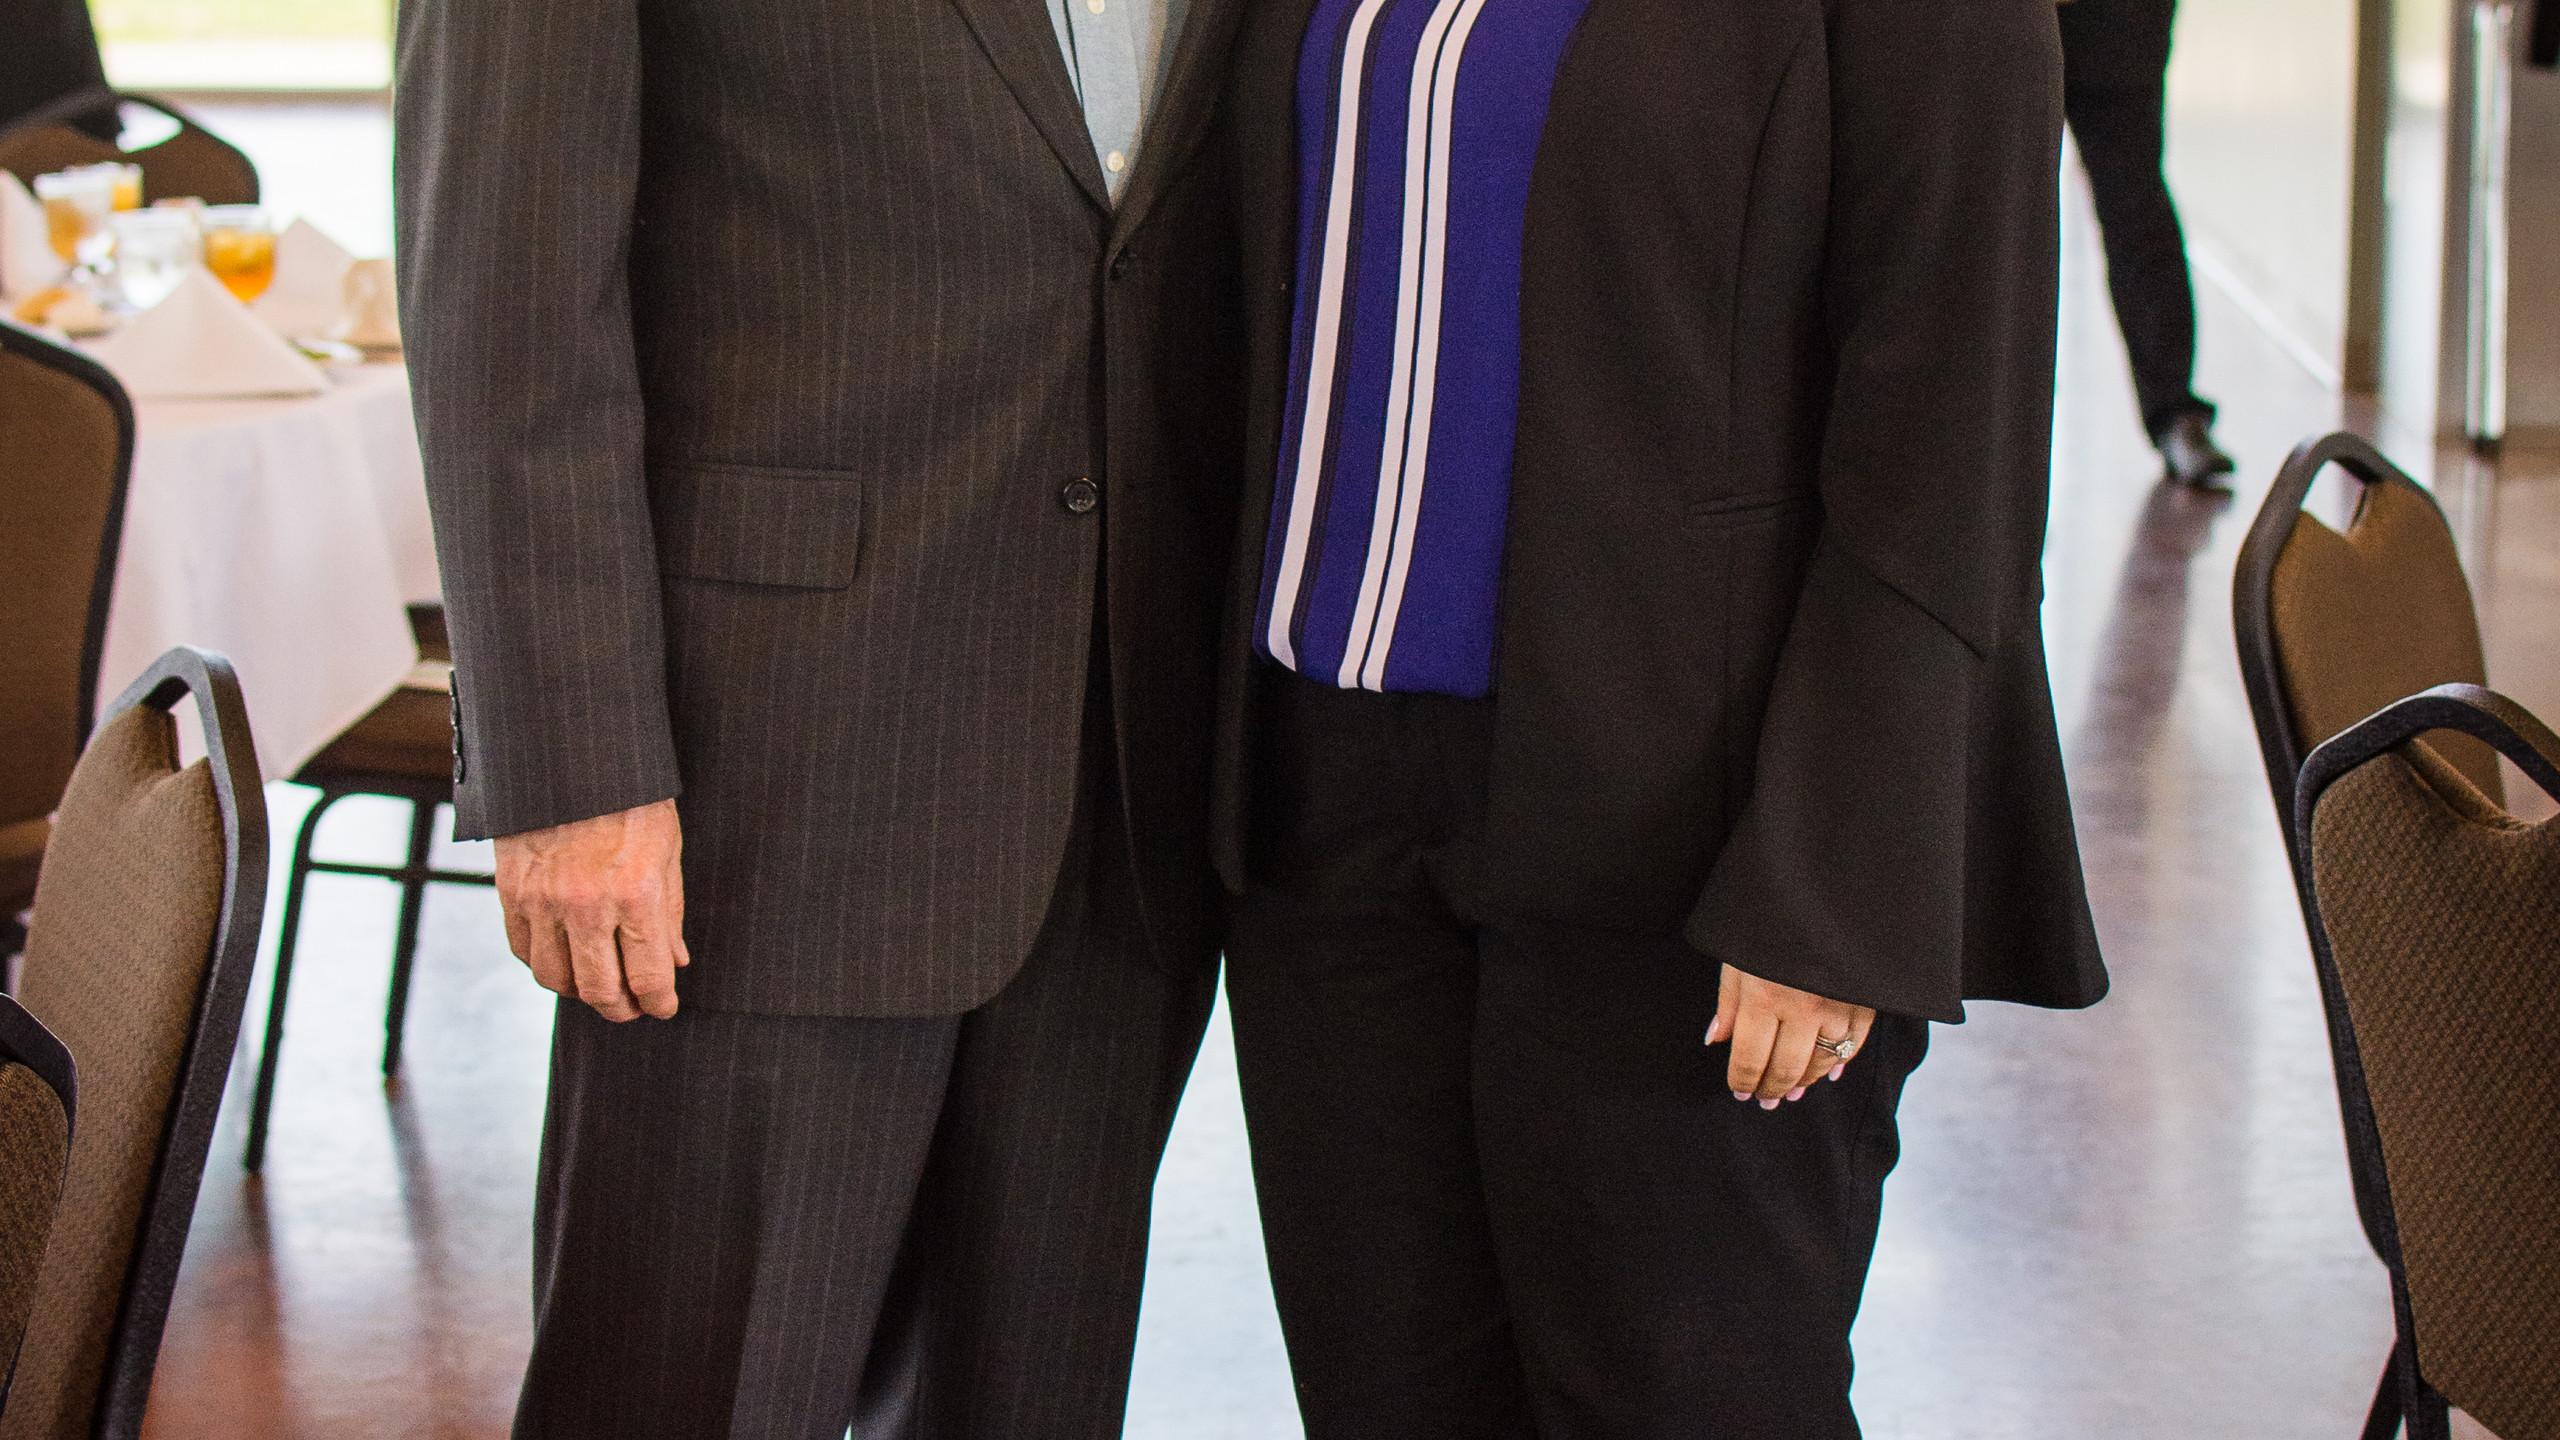 Ron Lanfear and Katy Hagstrom